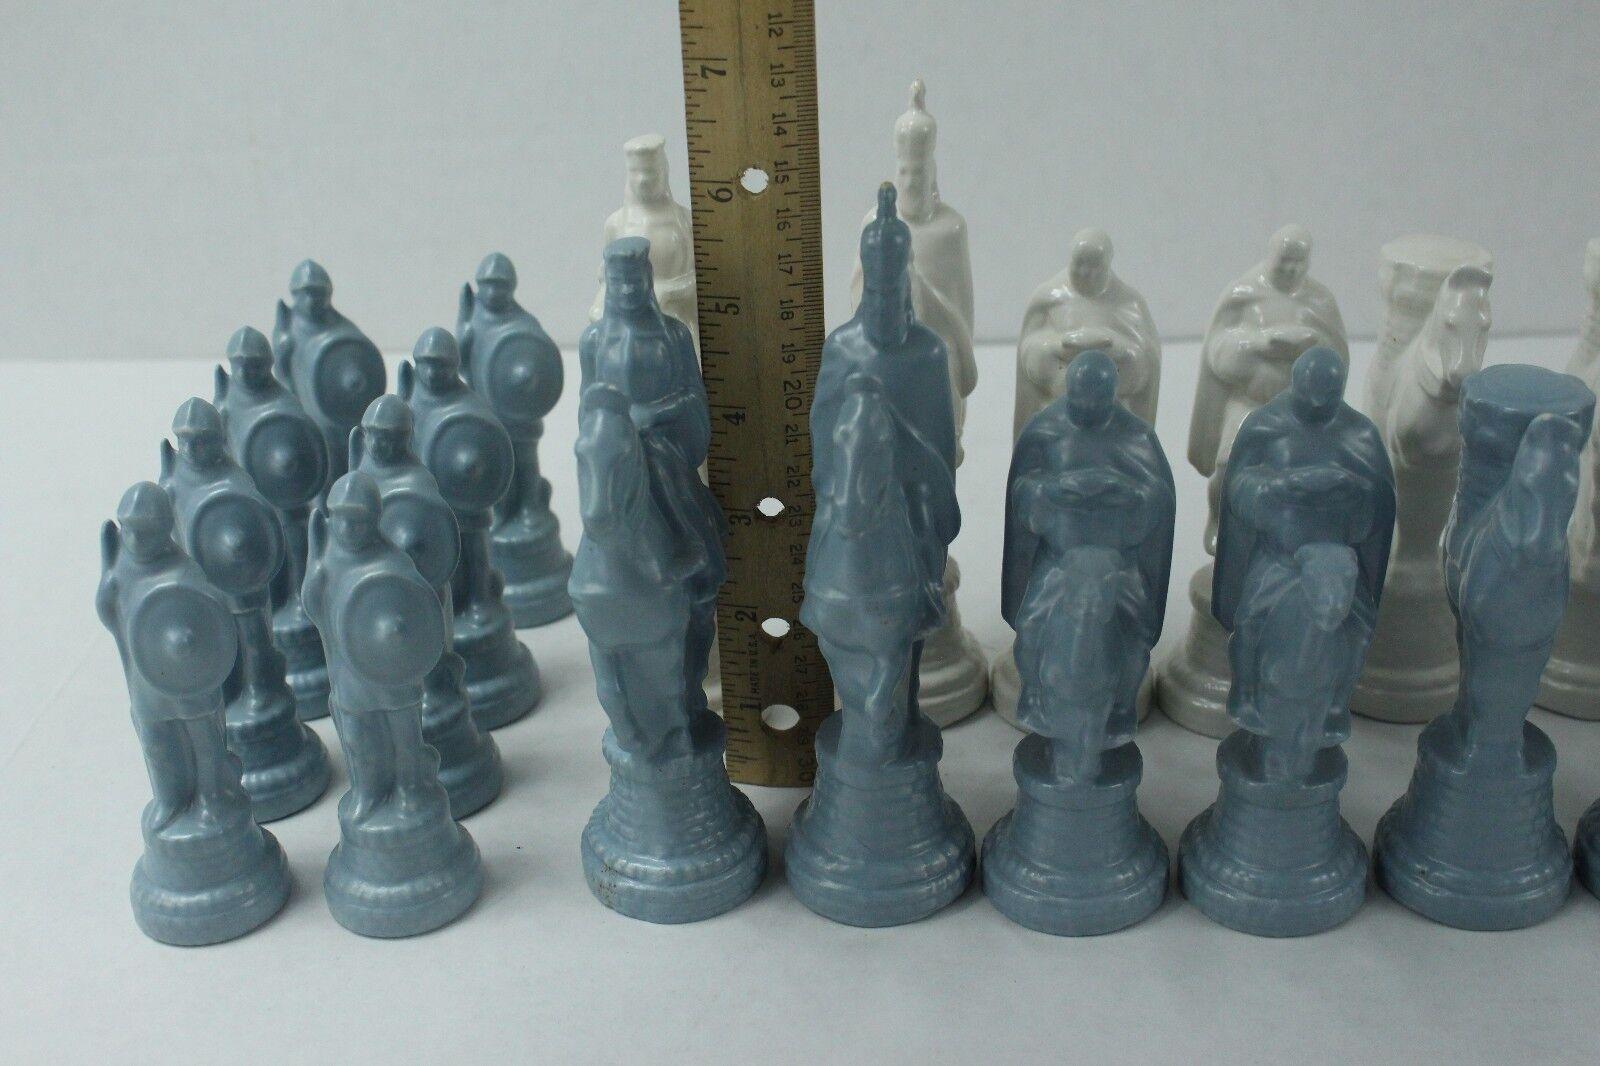 Vintage Detailed Figure Porcelain Ceramic Chess Set bluee White Full Full Full Set DER 1969 55b0ae